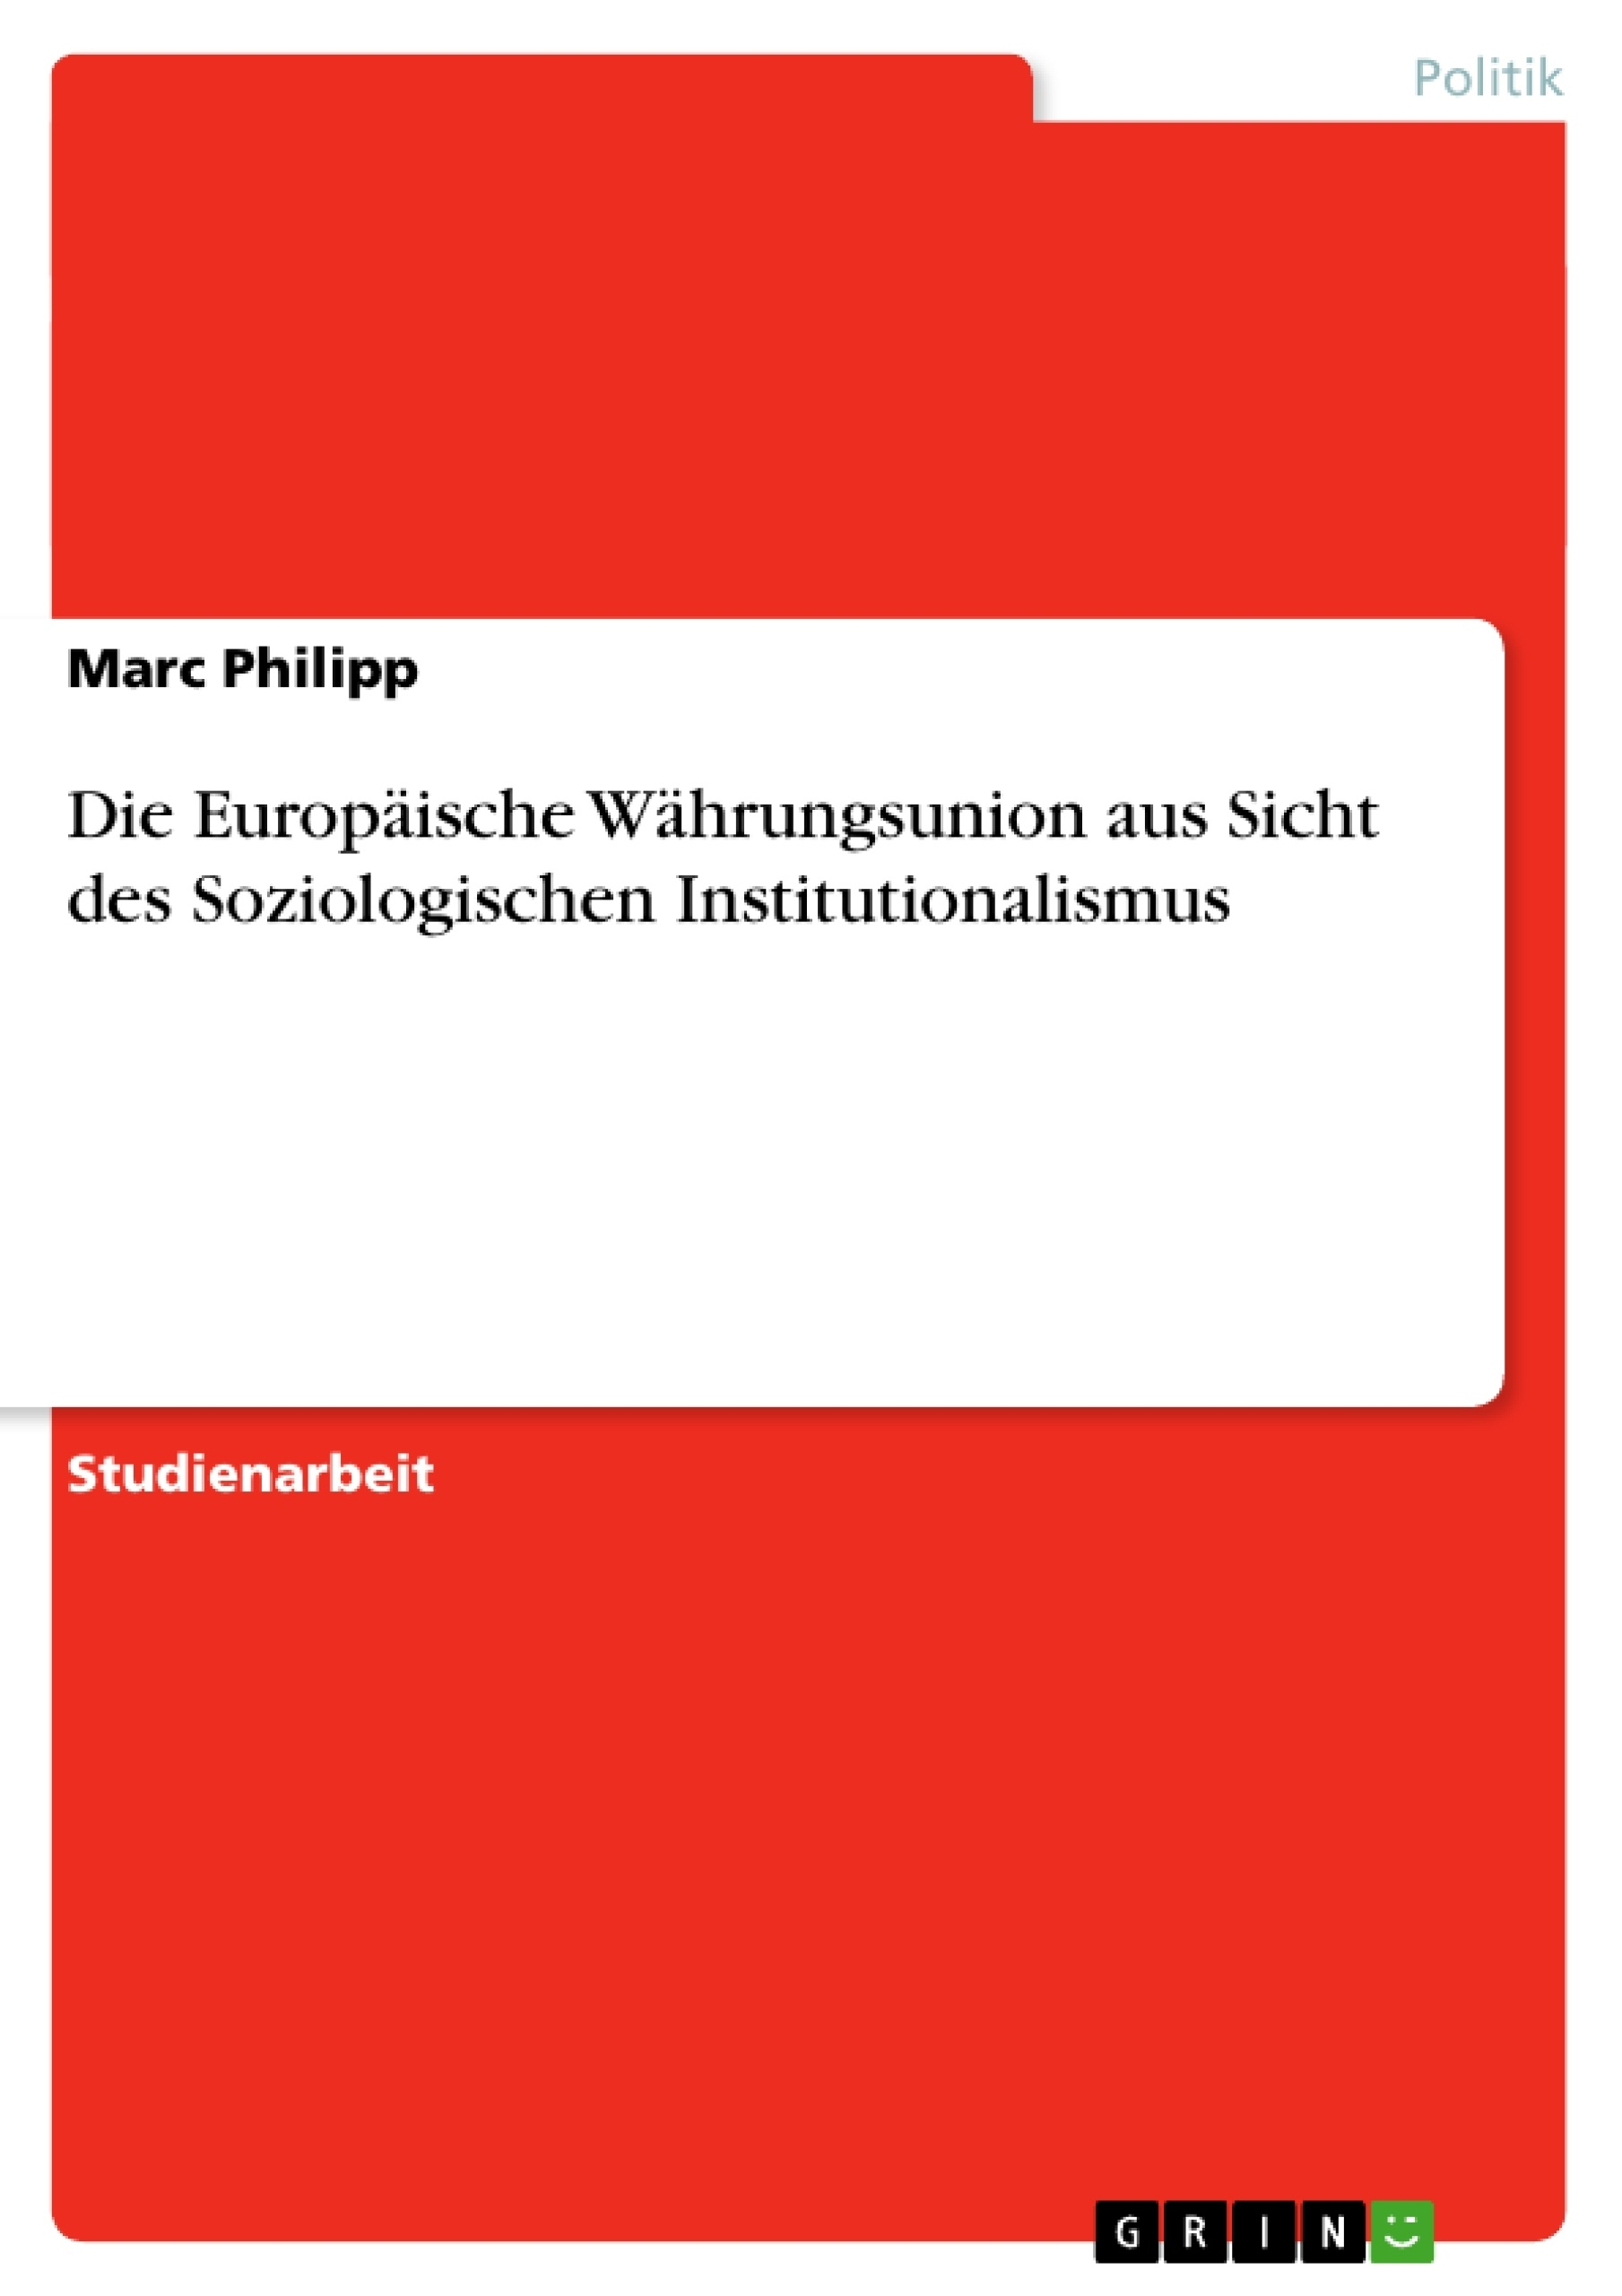 Titel: Die Europäische Währungsunion aus Sicht des Soziologischen Institutionalismus